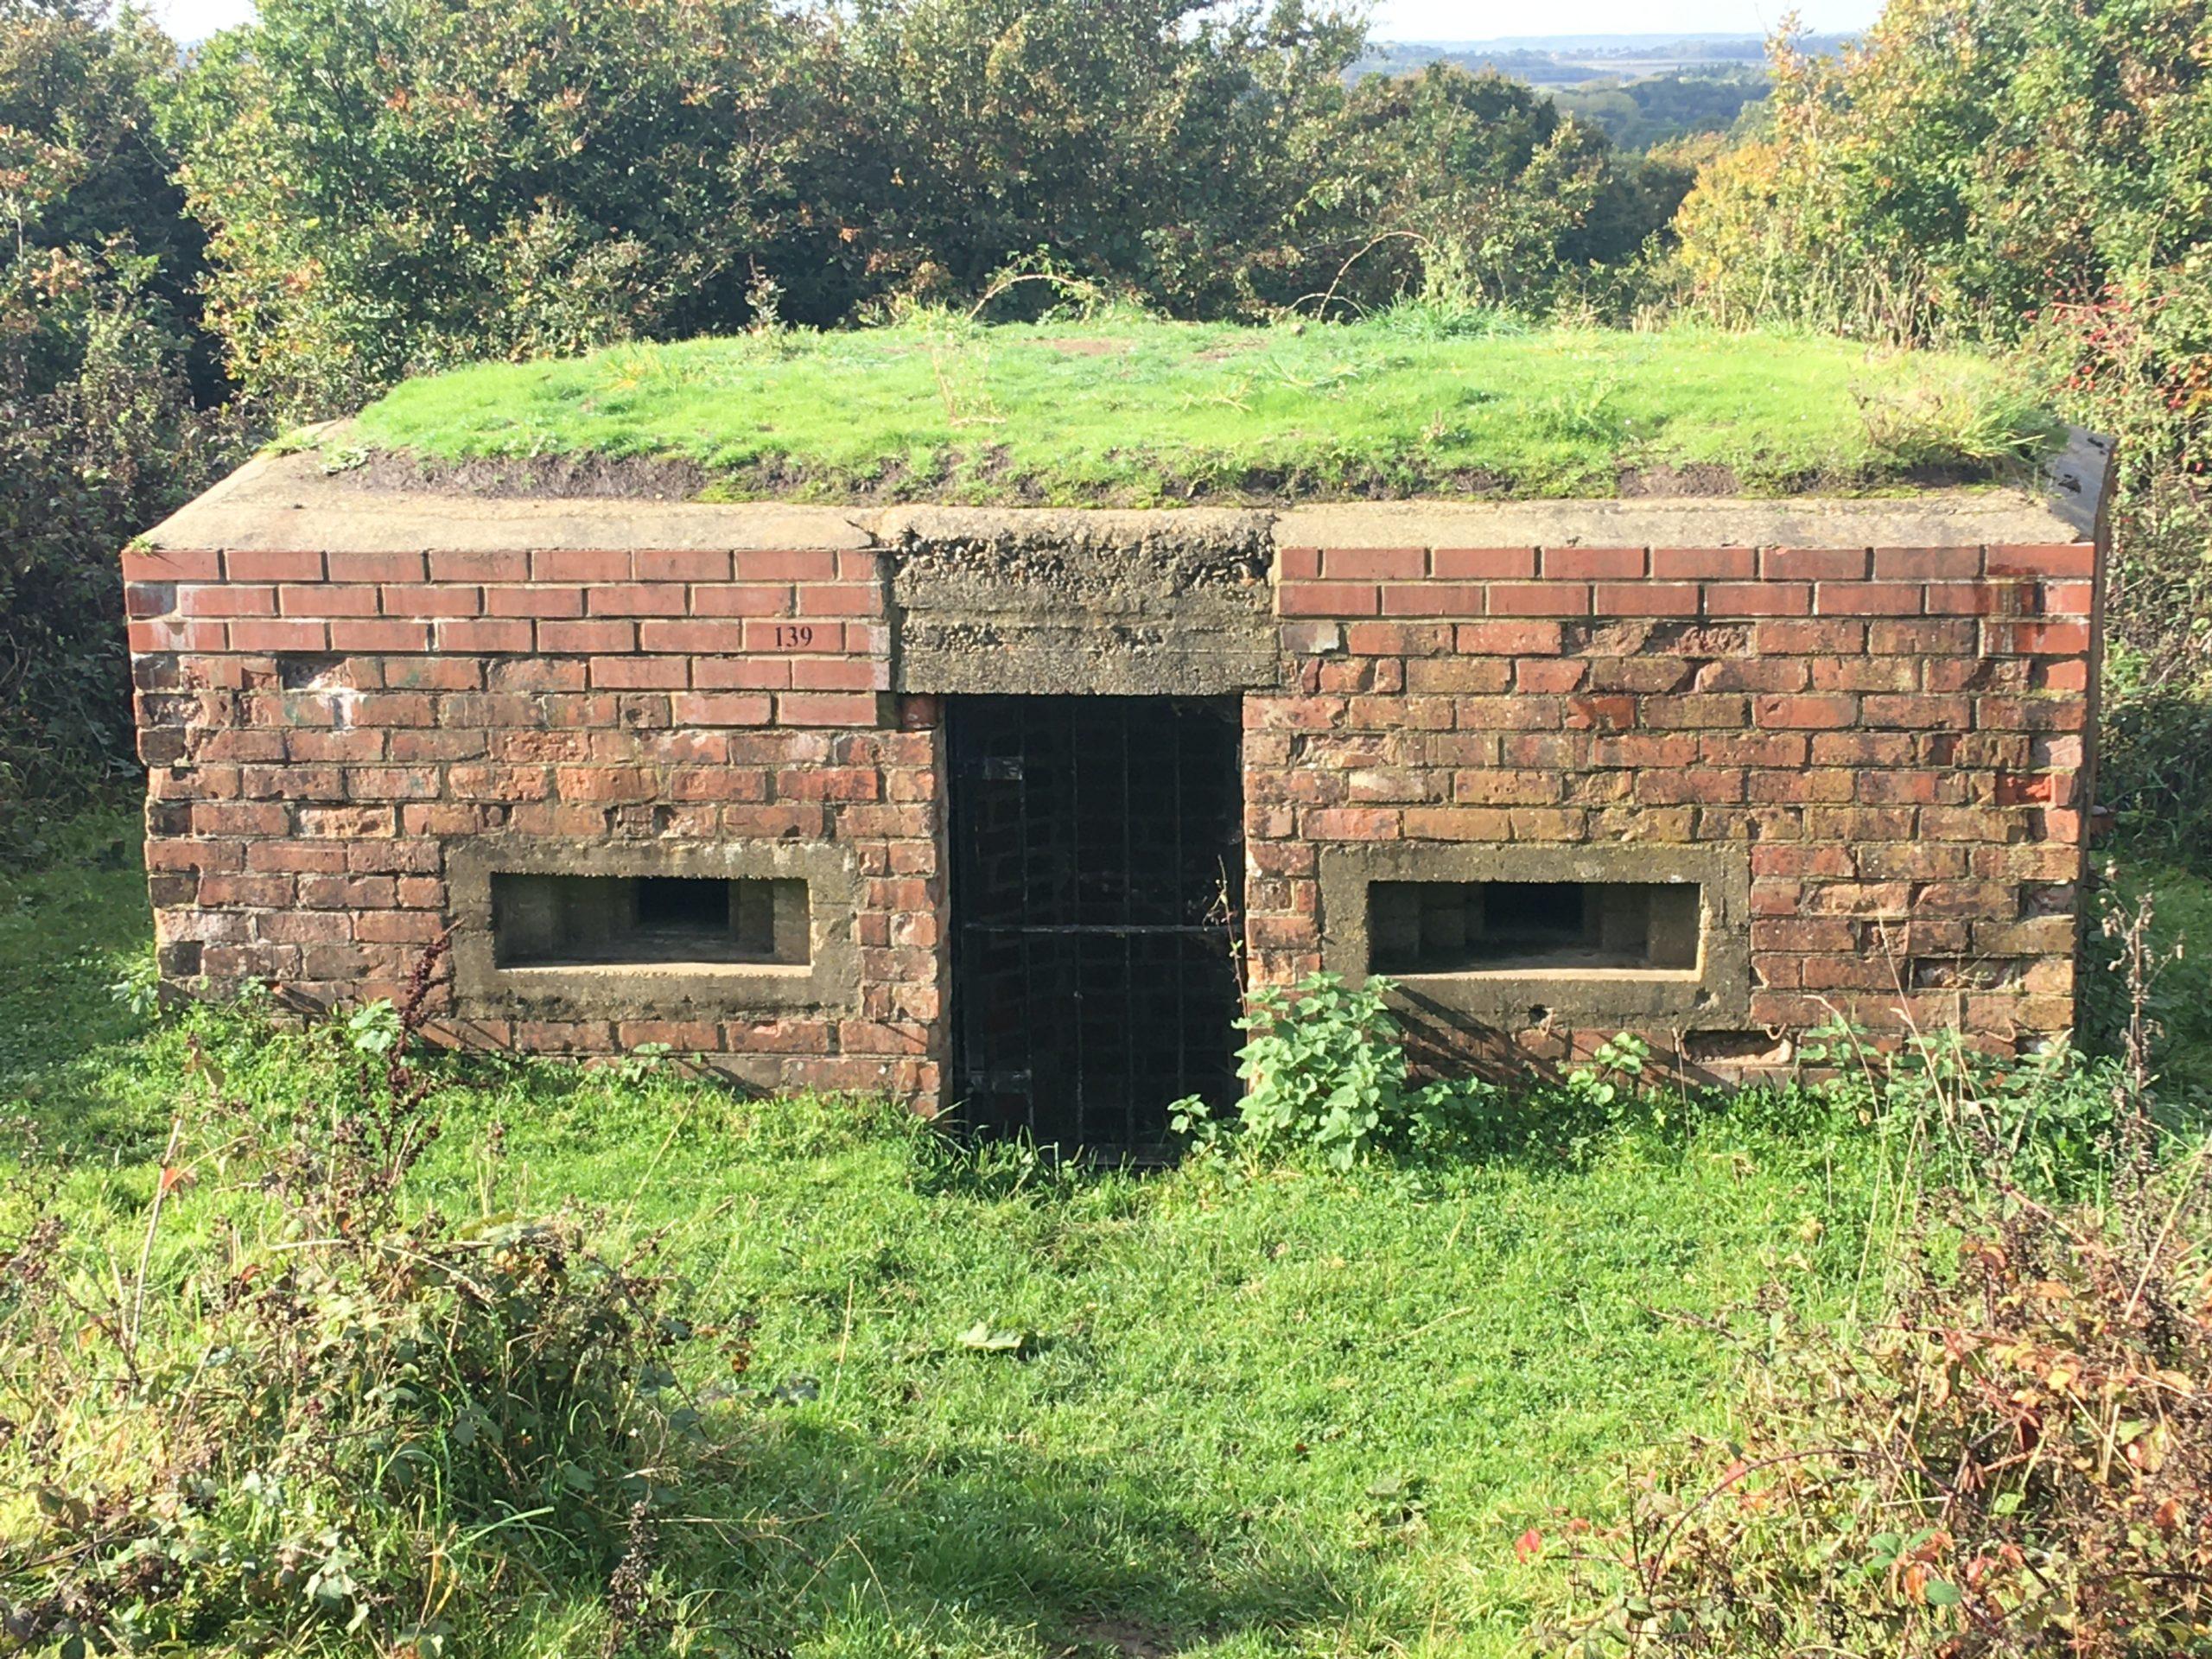 Photograph of a pillbox at Naishes Wood